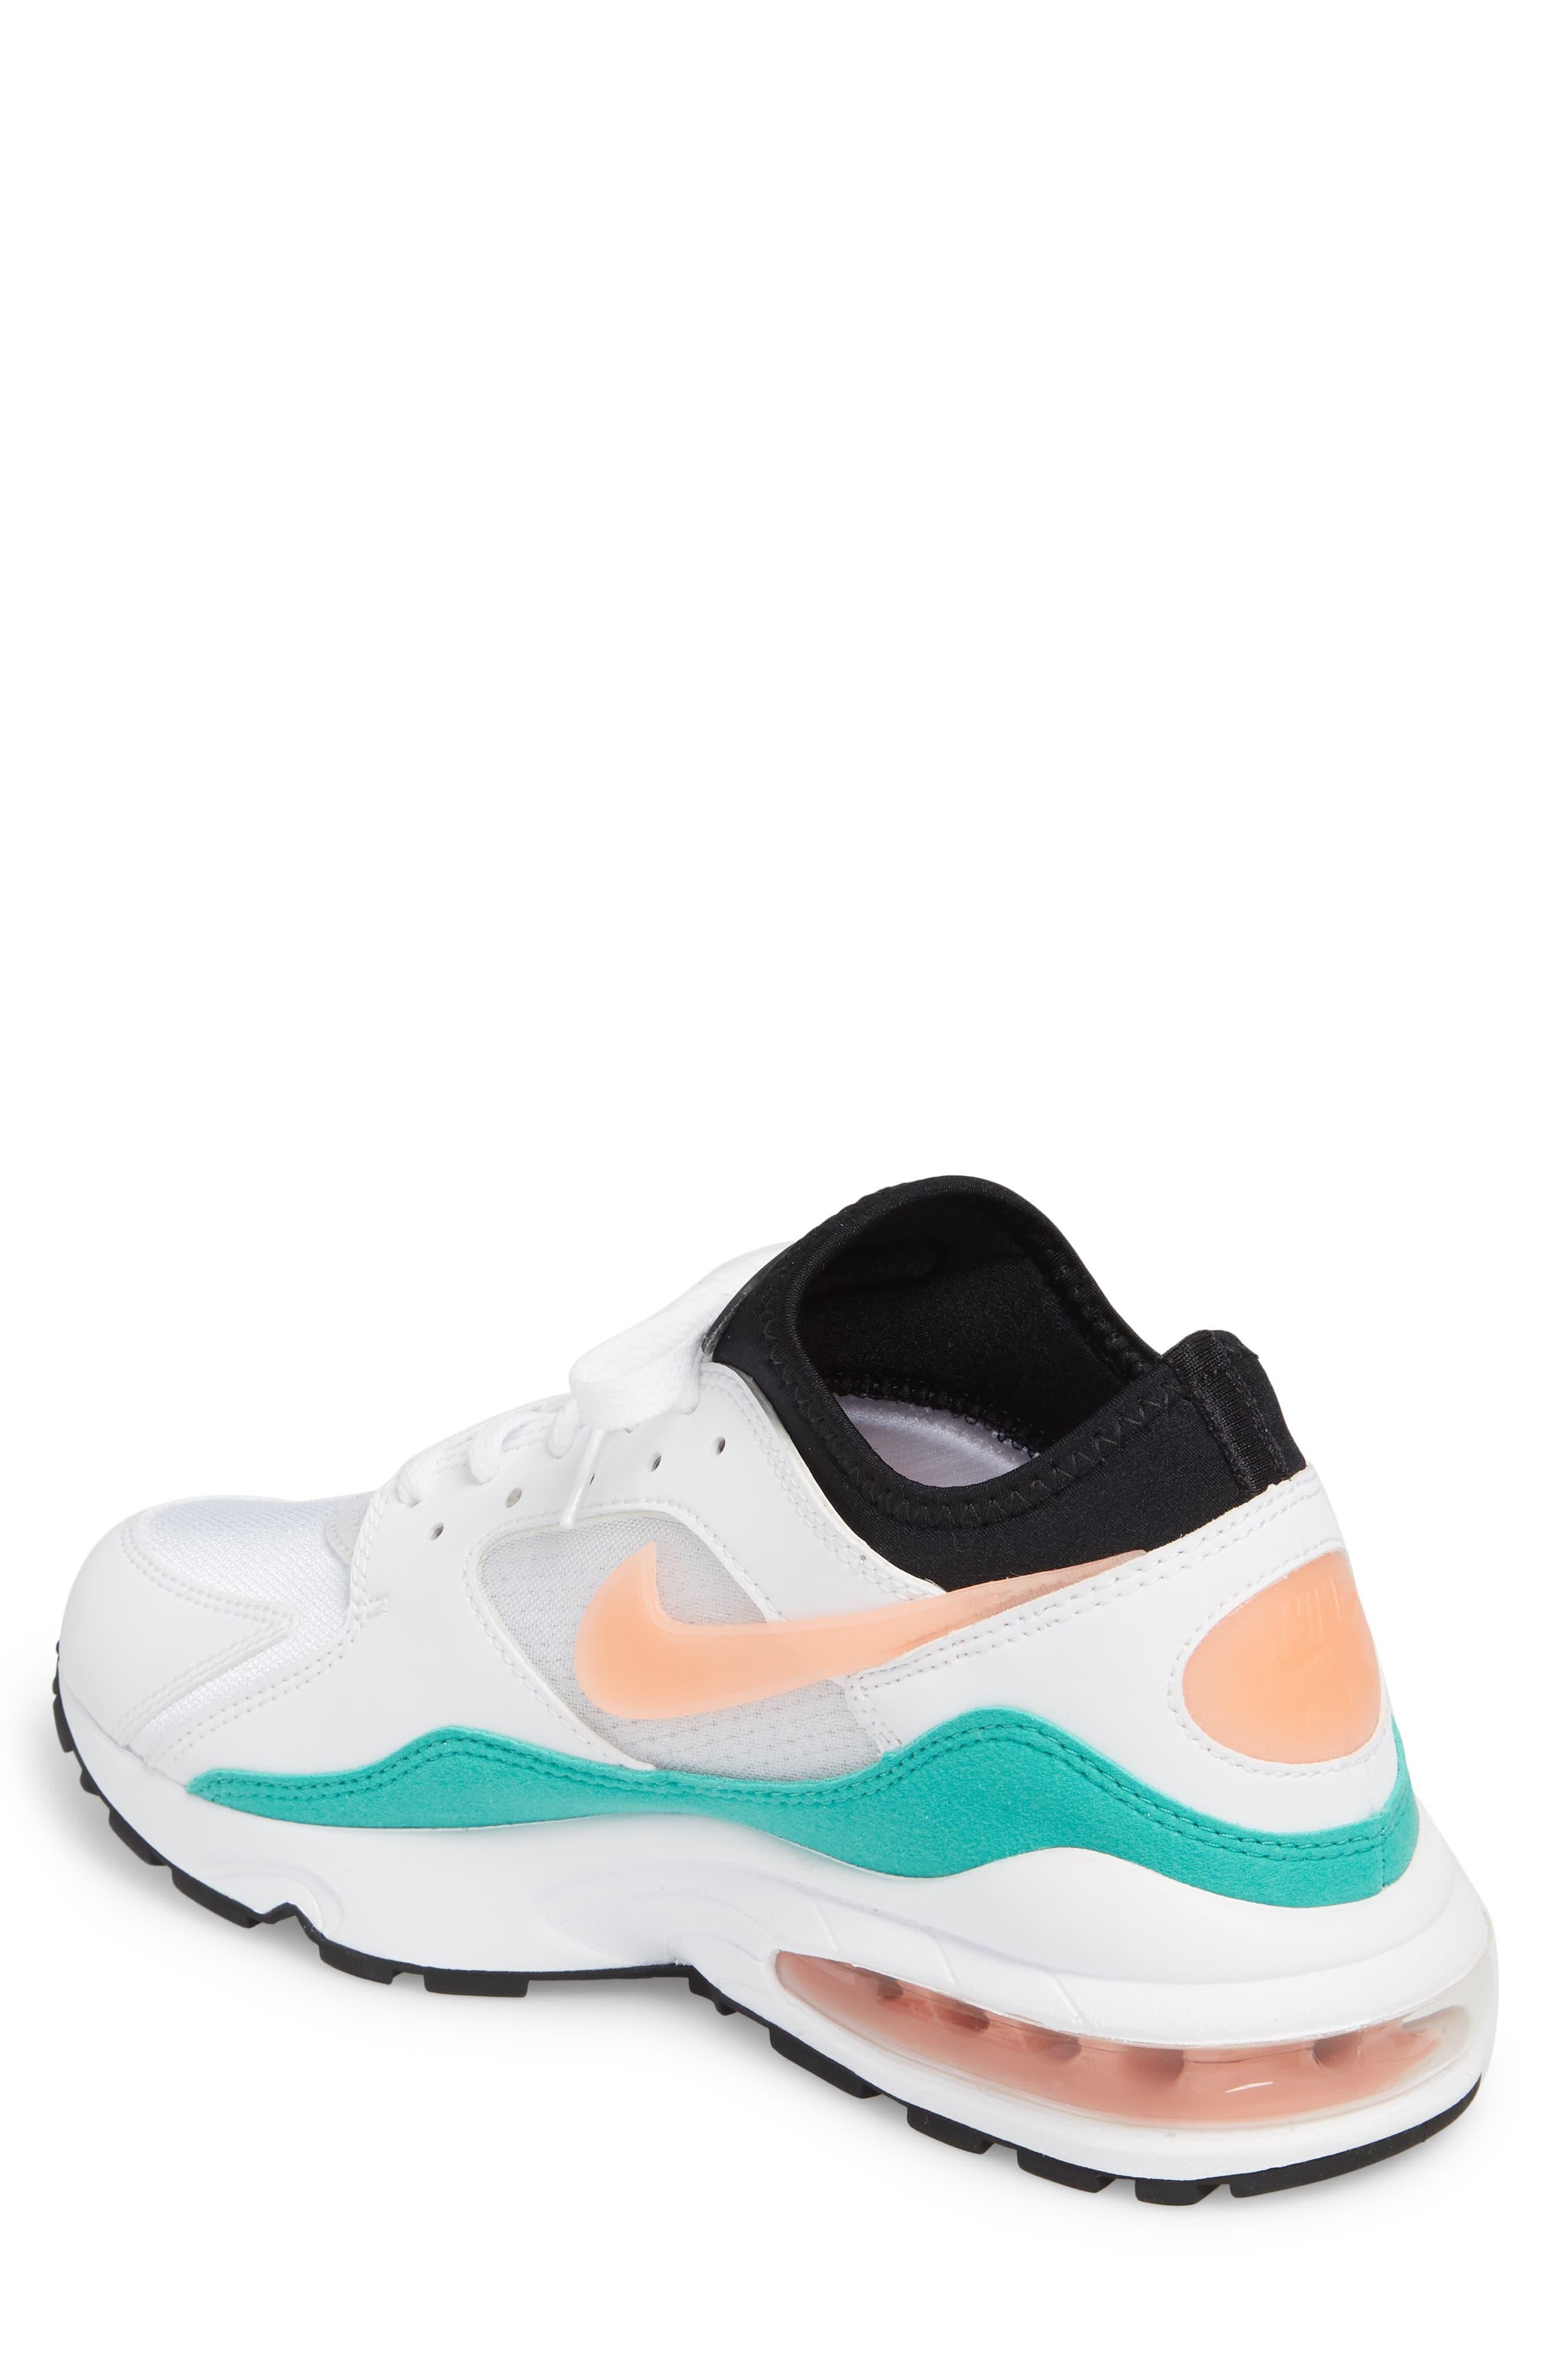 Air Max 93 Sneaker,                             Alternate thumbnail 2, color,                             WHITE/ CRIMSON BLISS